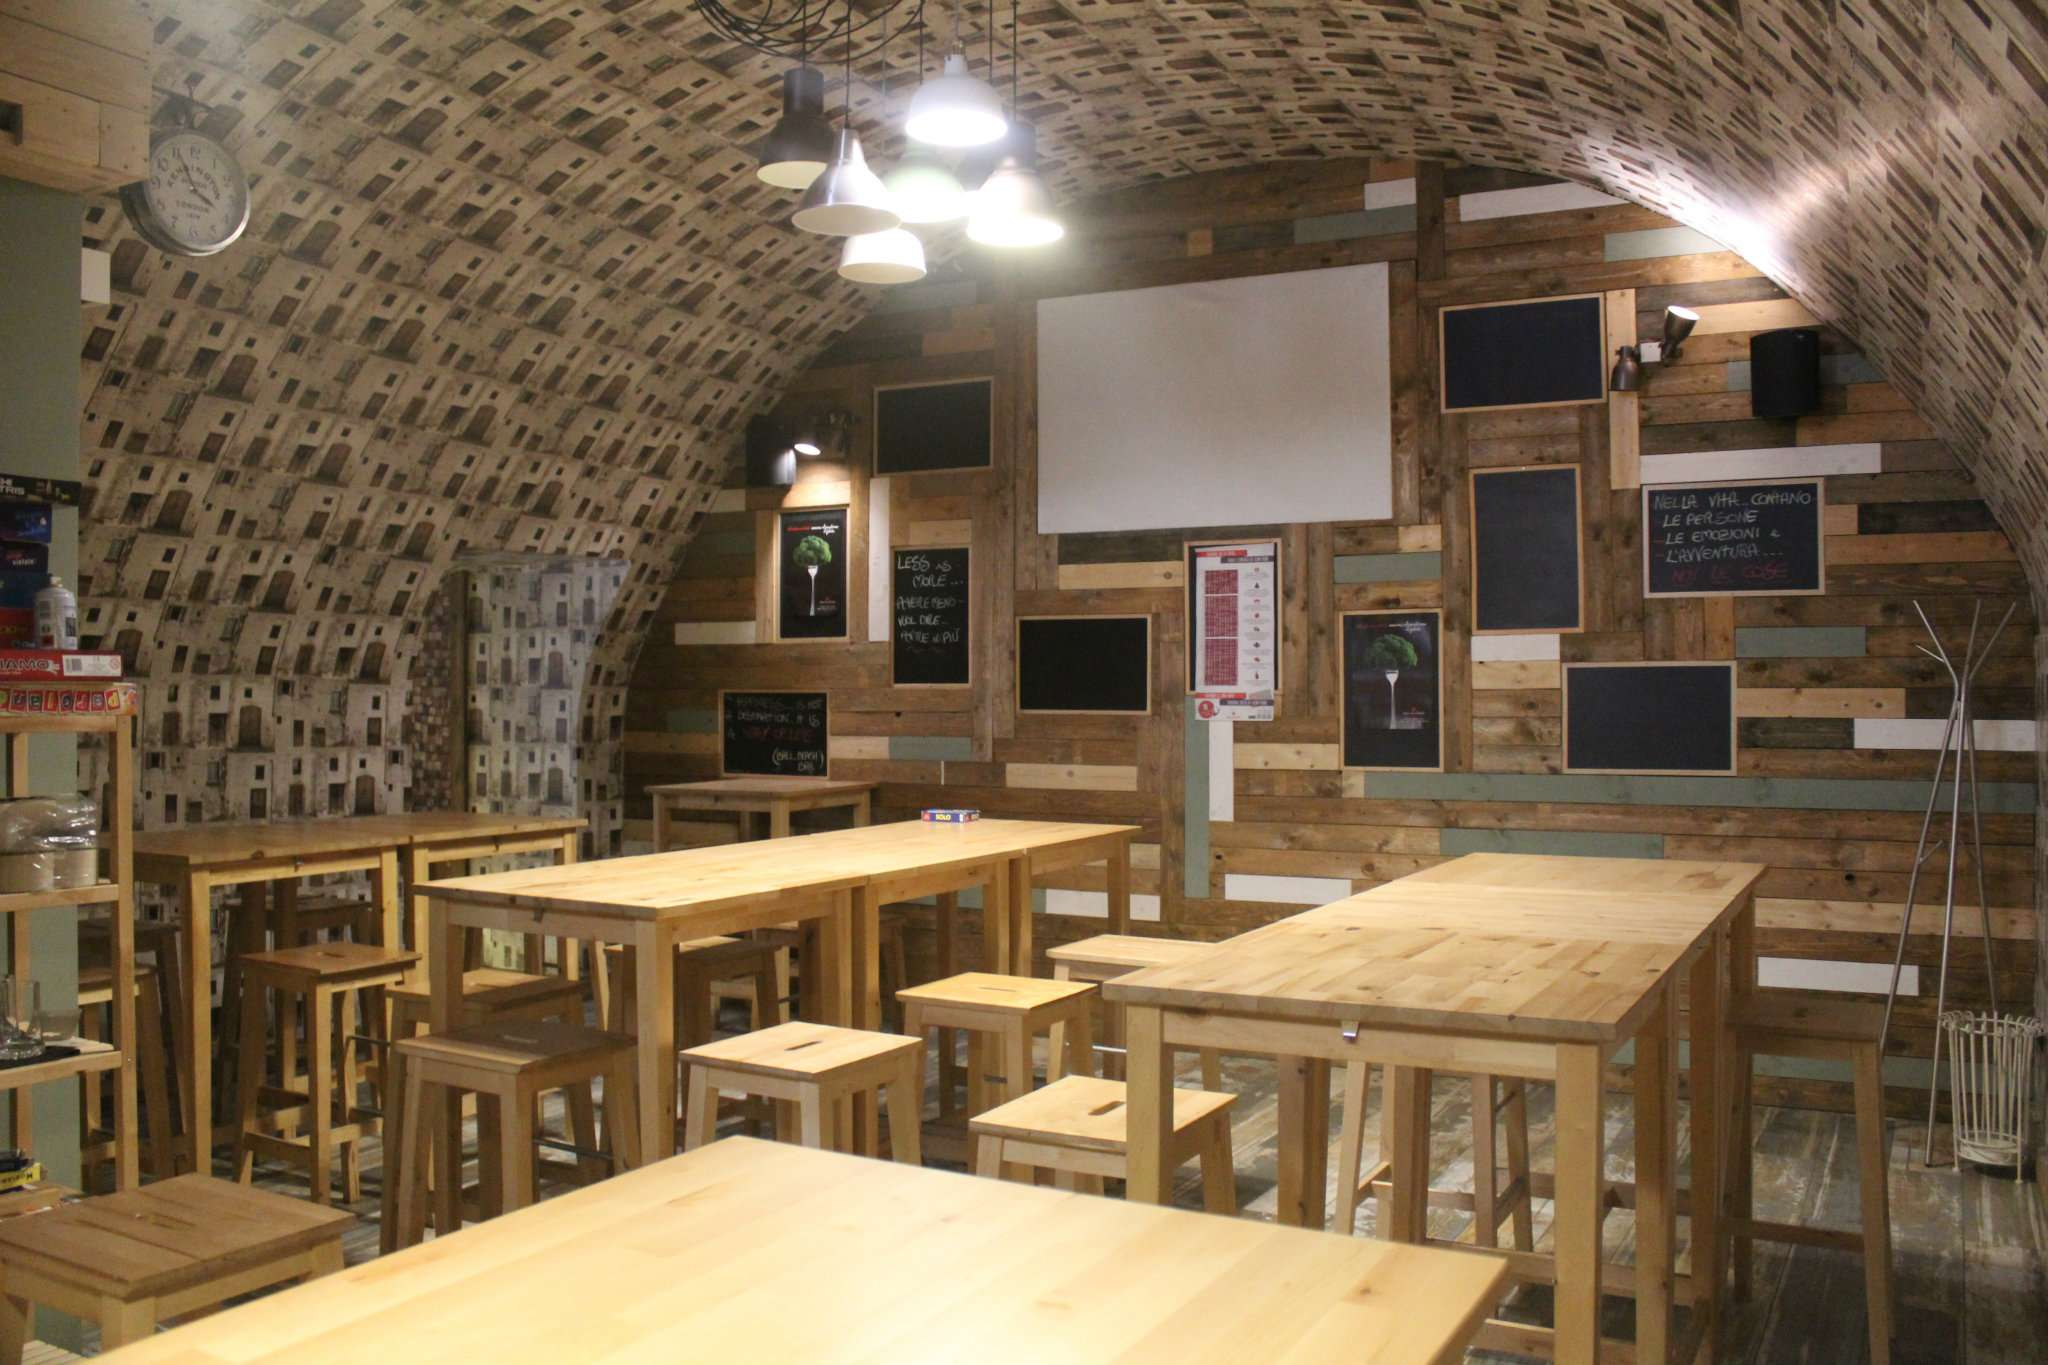 Negozio / Locale in vendita a Andria, 3 locali, prezzo € 12.000 | PortaleAgenzieImmobiliari.it